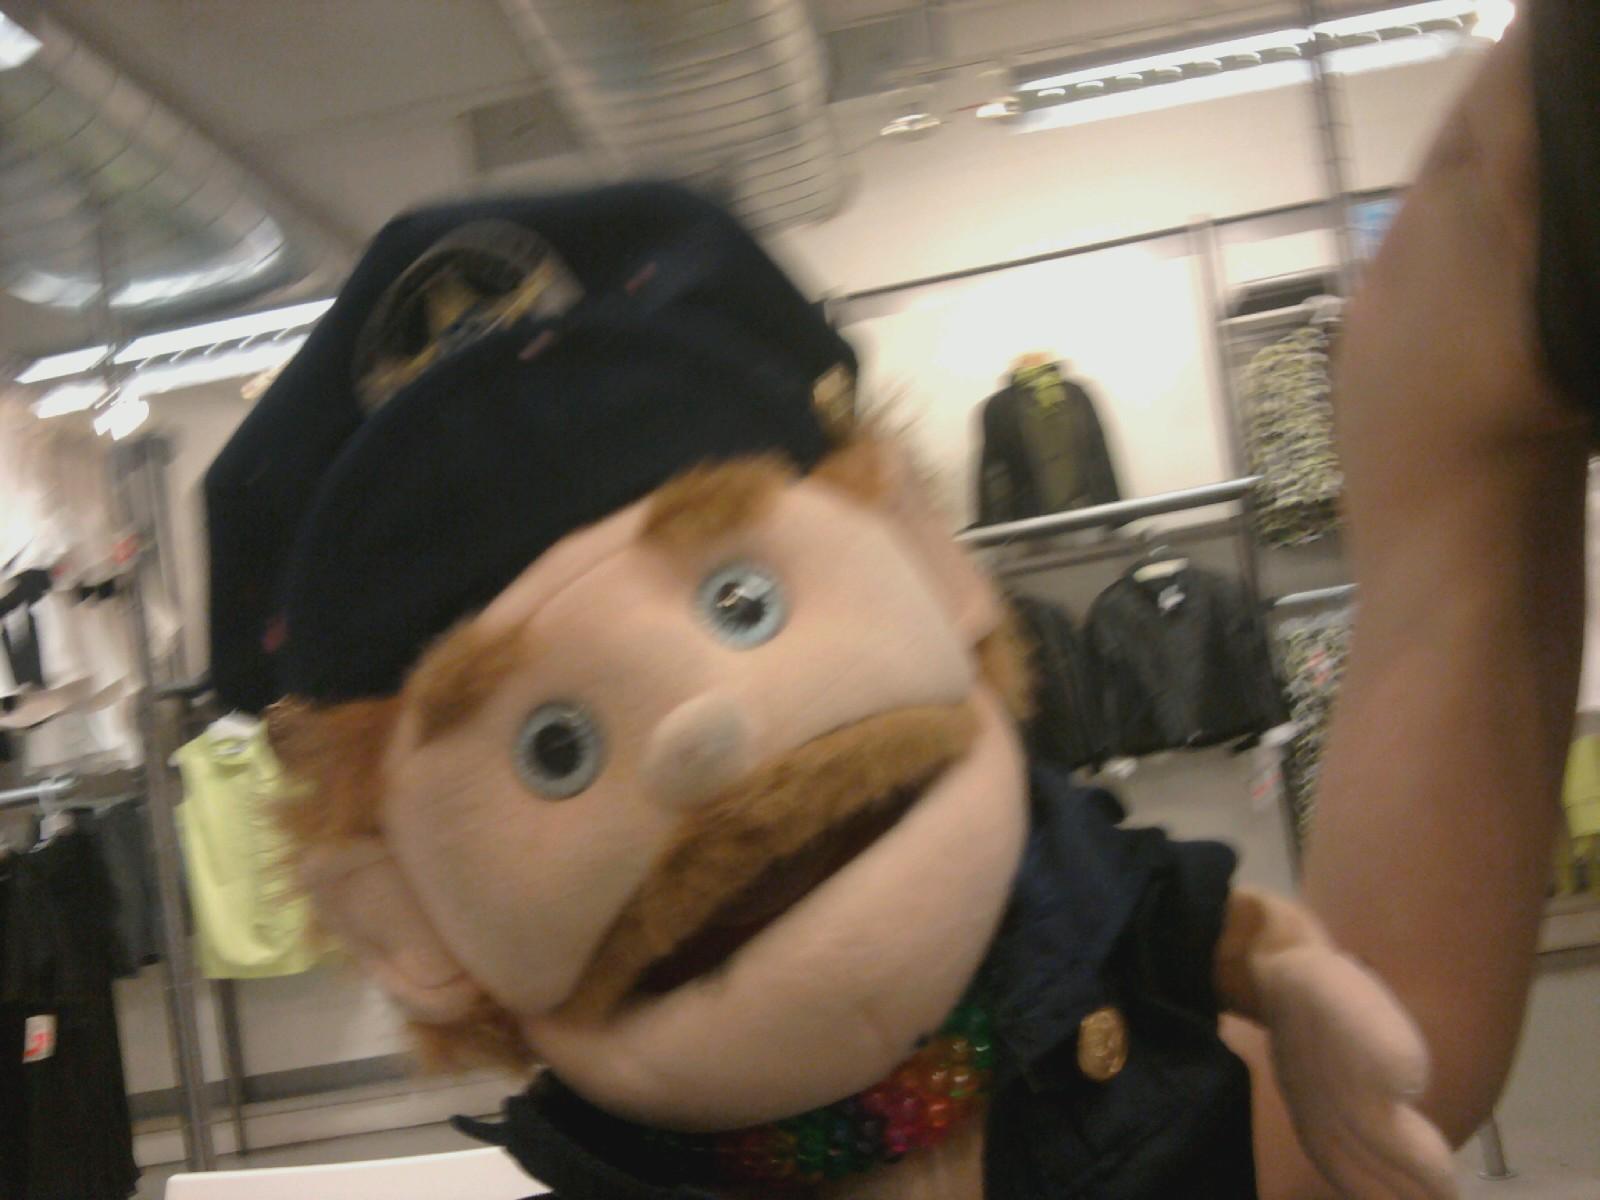 OfficerE bryci nude train fun 13.